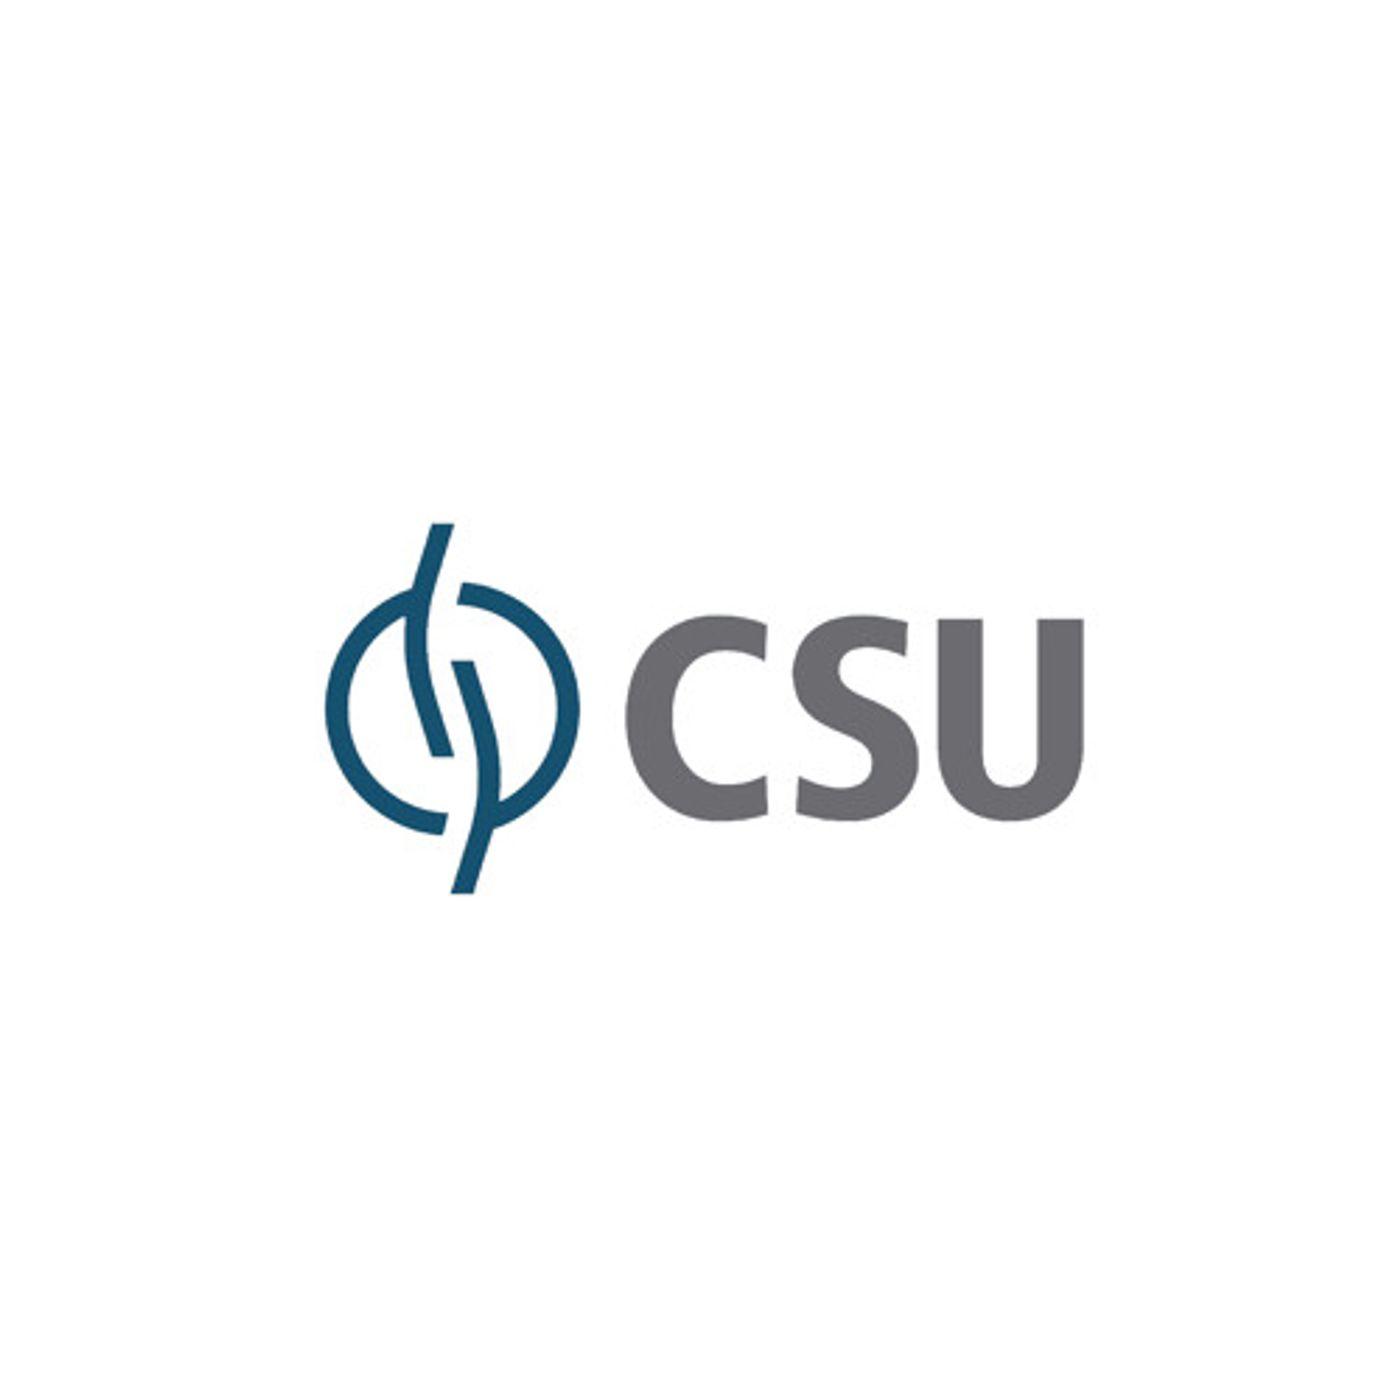 Teleconferência de Resultados da CSU Cardsystem (CARD3) do 1T20